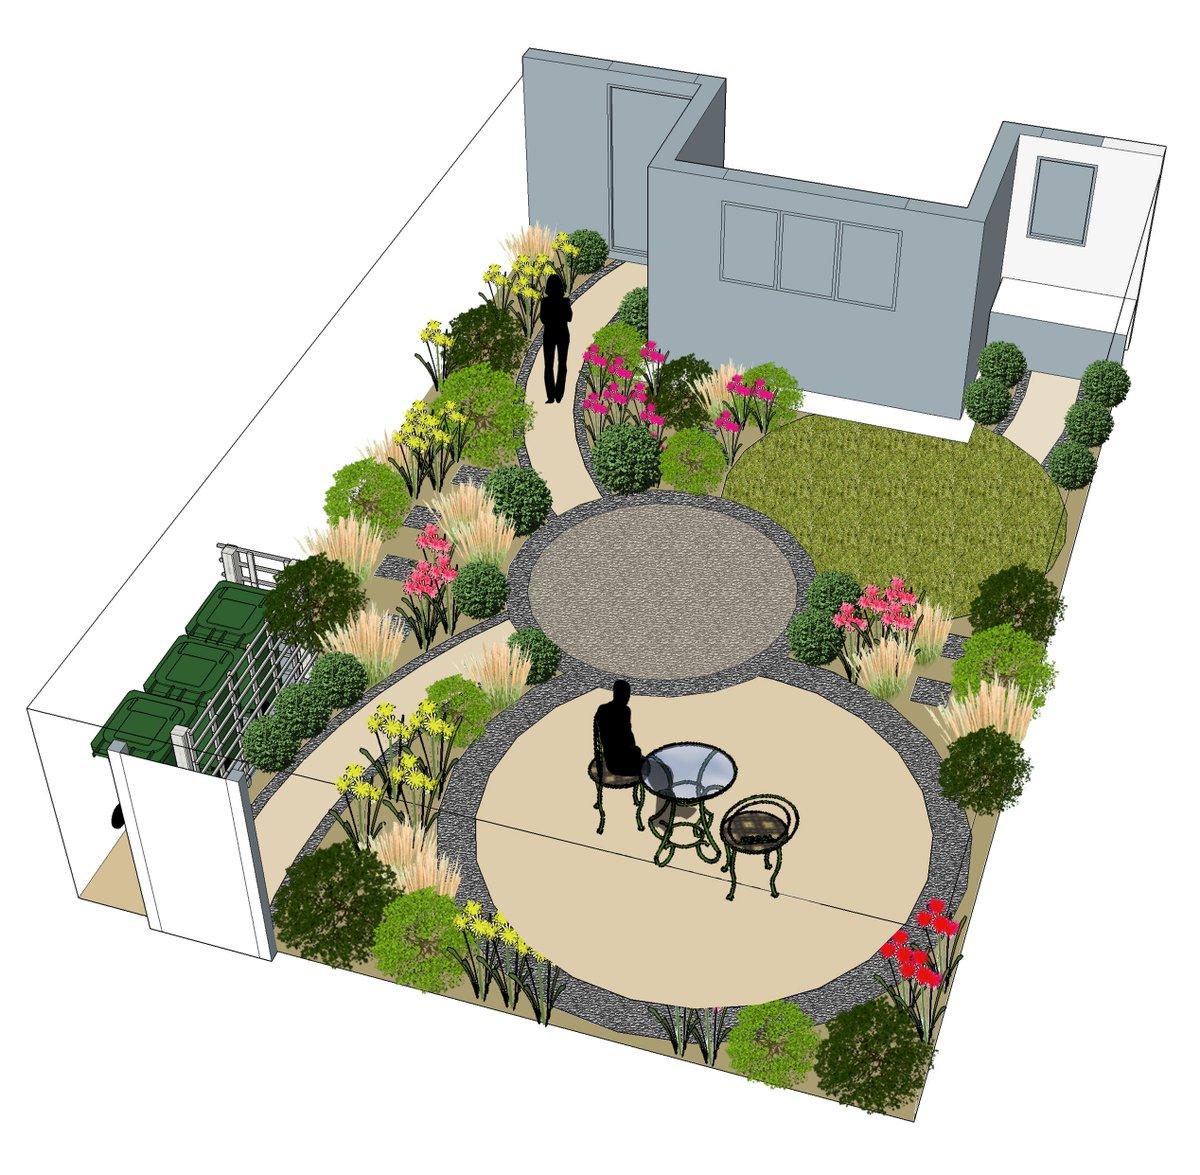 motif garden design (@motif_garden) | twitter